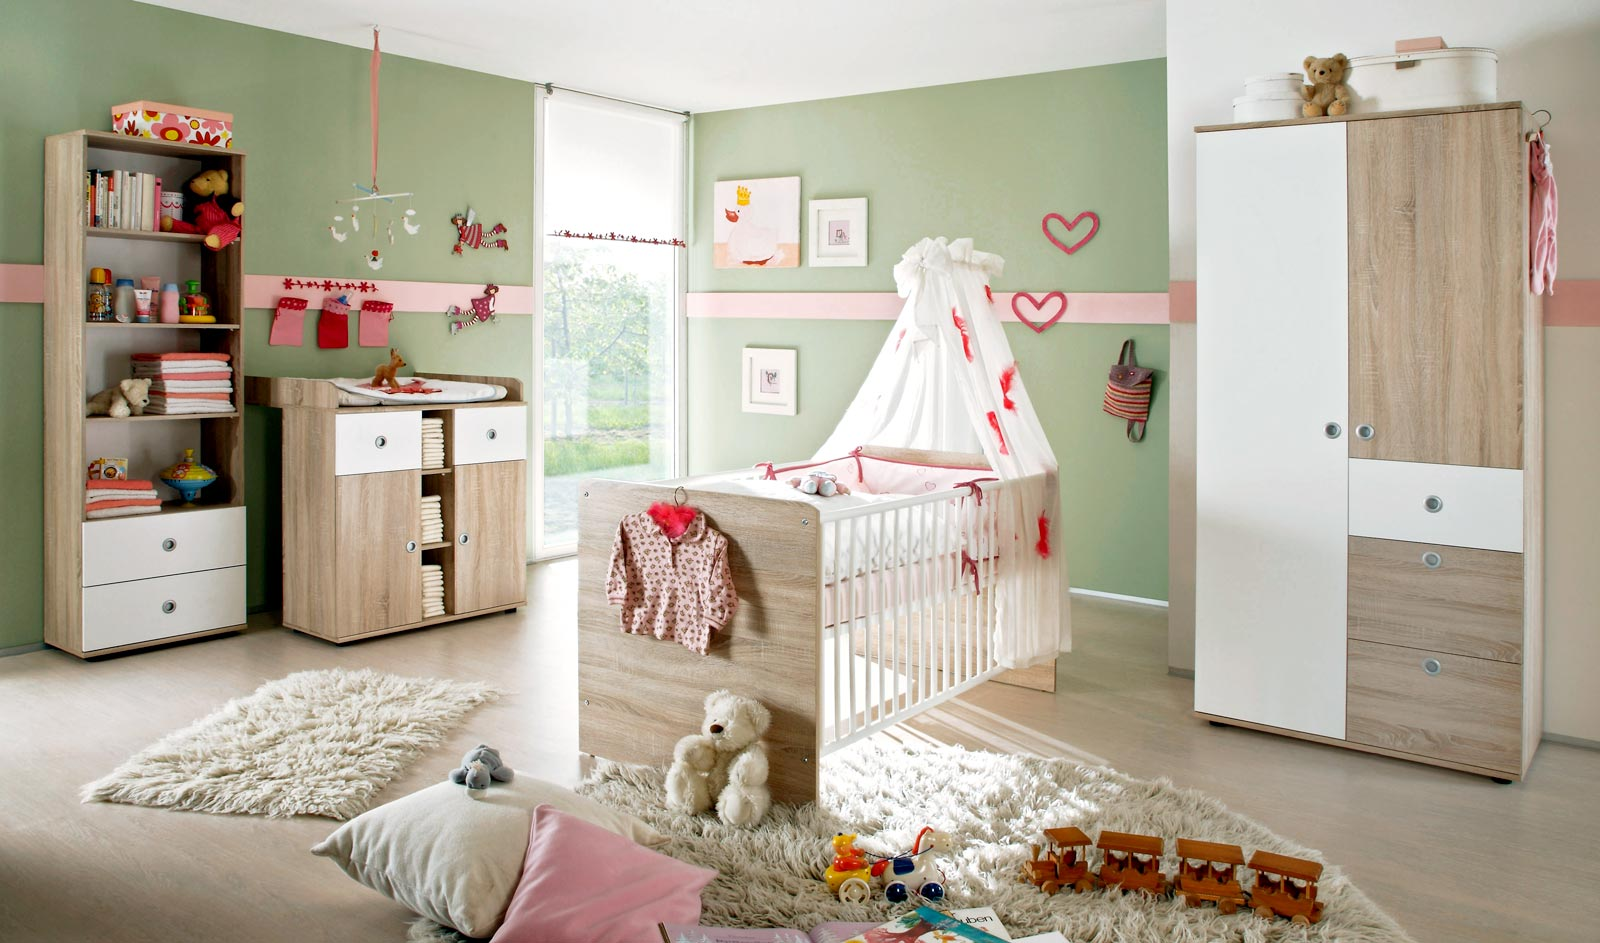 babyzimmer komplettset kinderzimmer komplett set babym bel wiki 3 eiche sonoma ebay